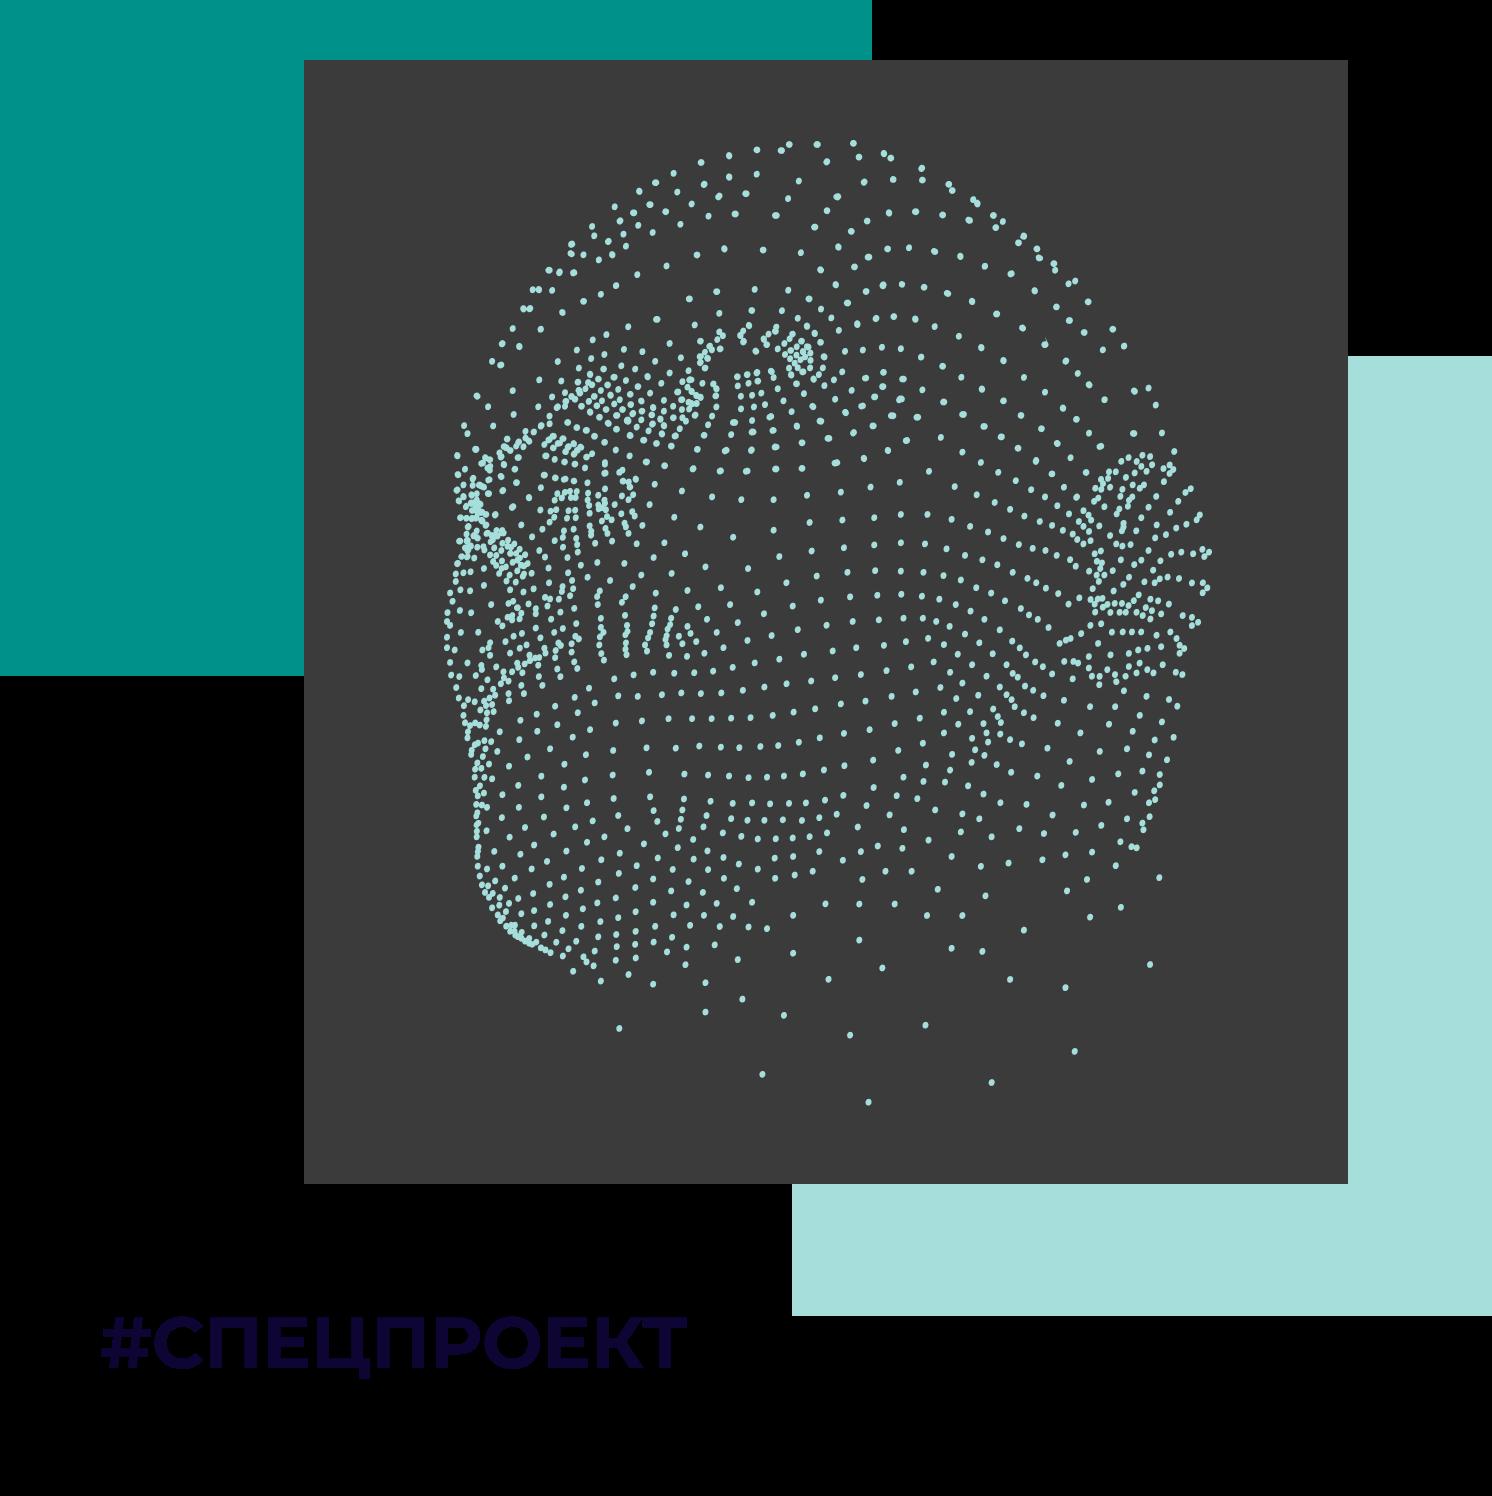 ICT.Moscow открыл базу знаний по искусственному интеллекту